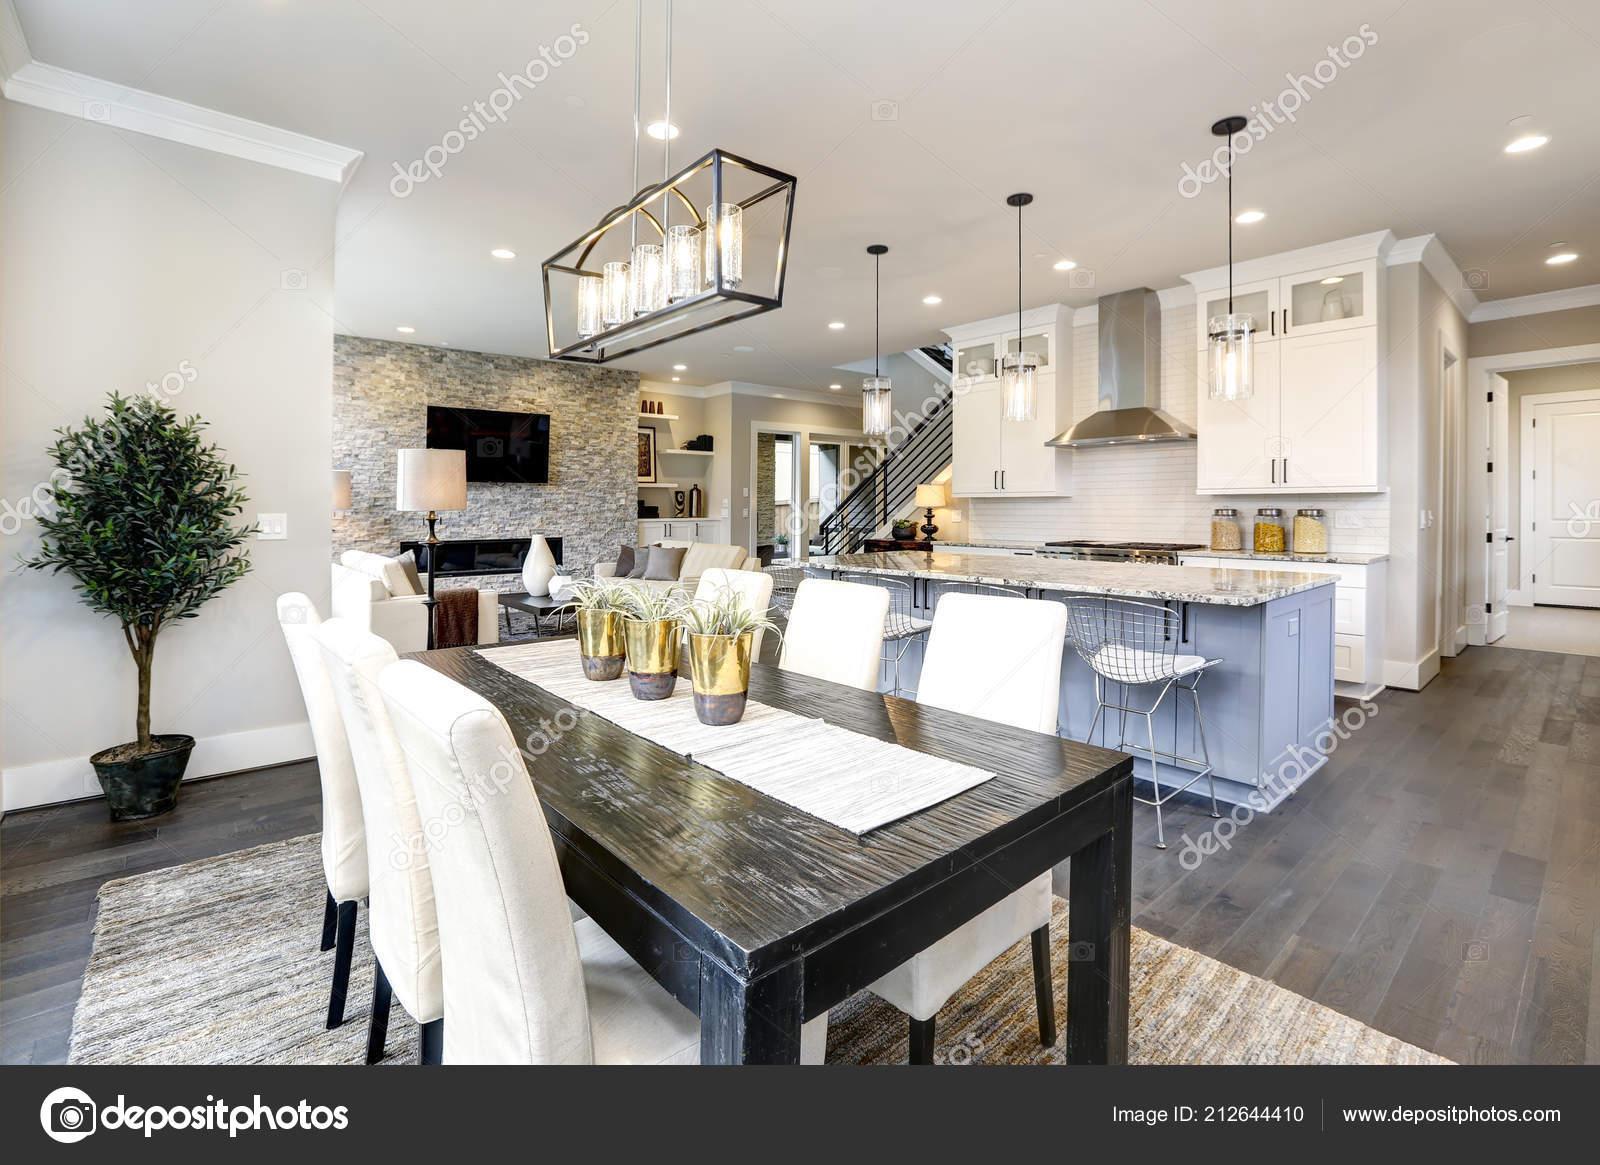 Belle cuisine de luxe moderne contemporain intérieur de la maison avec lîle et chaises image de